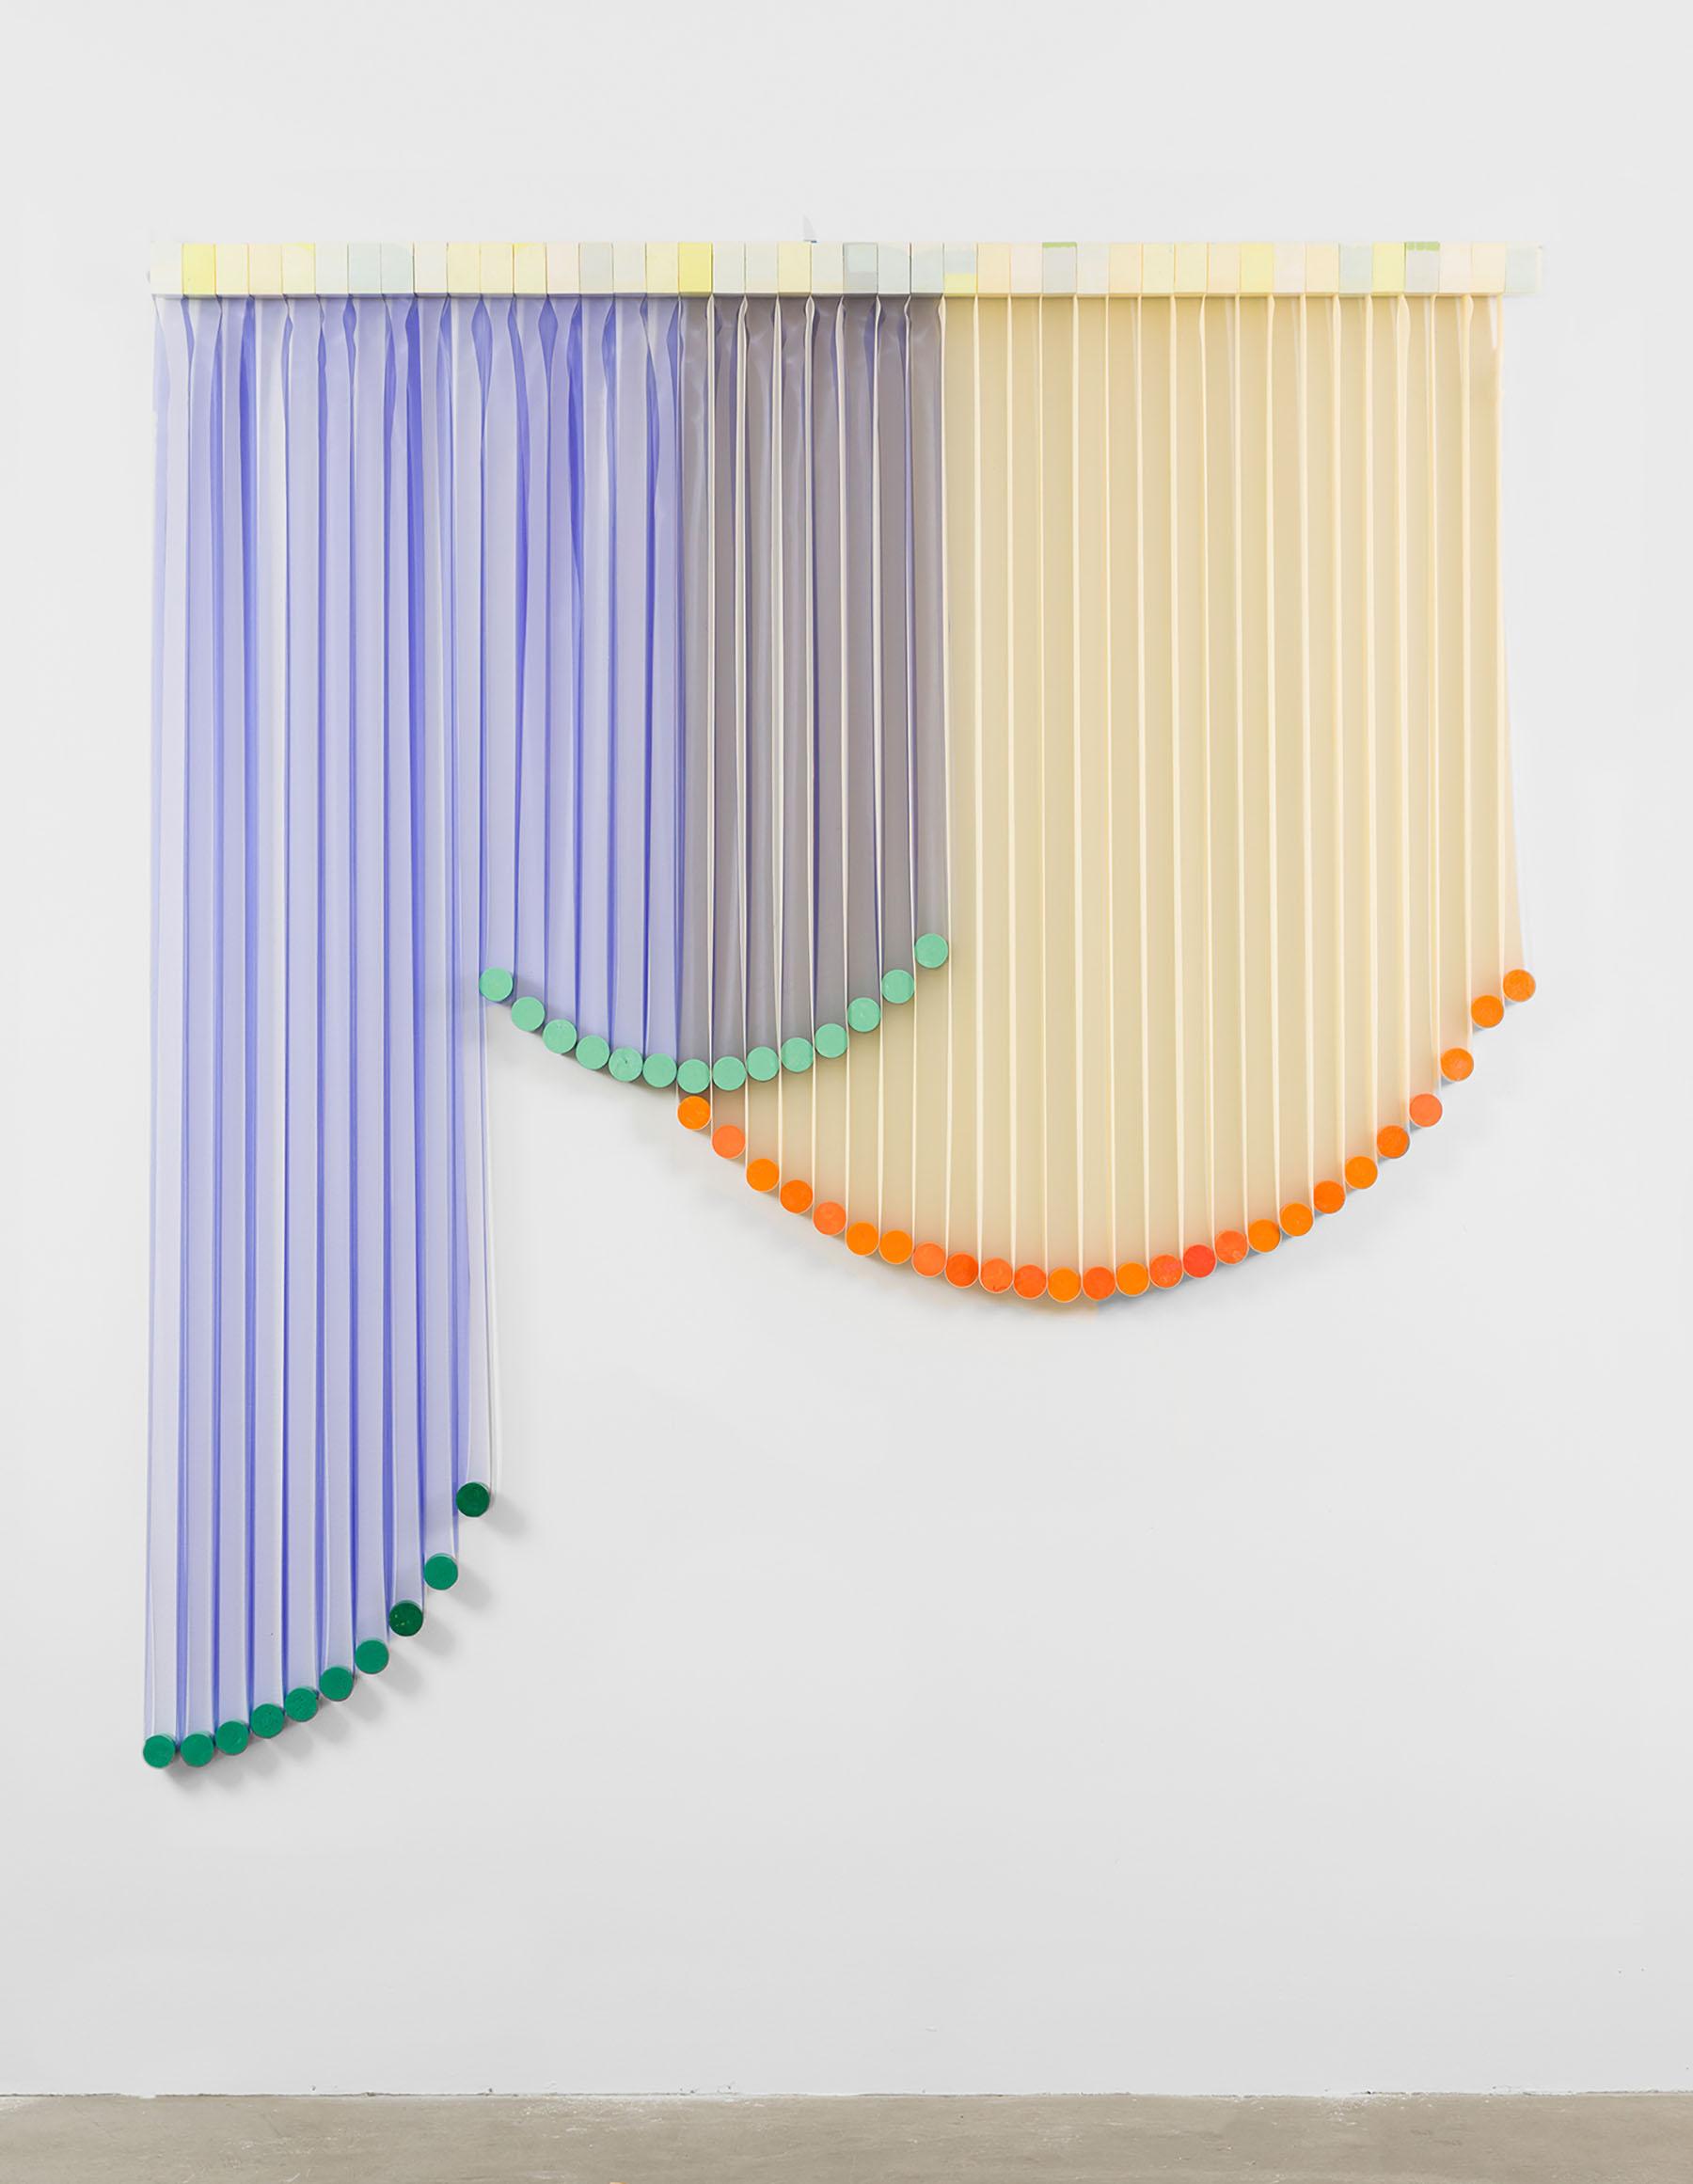 iGNANT-Art-Eva-Lewitt-Untitled-02